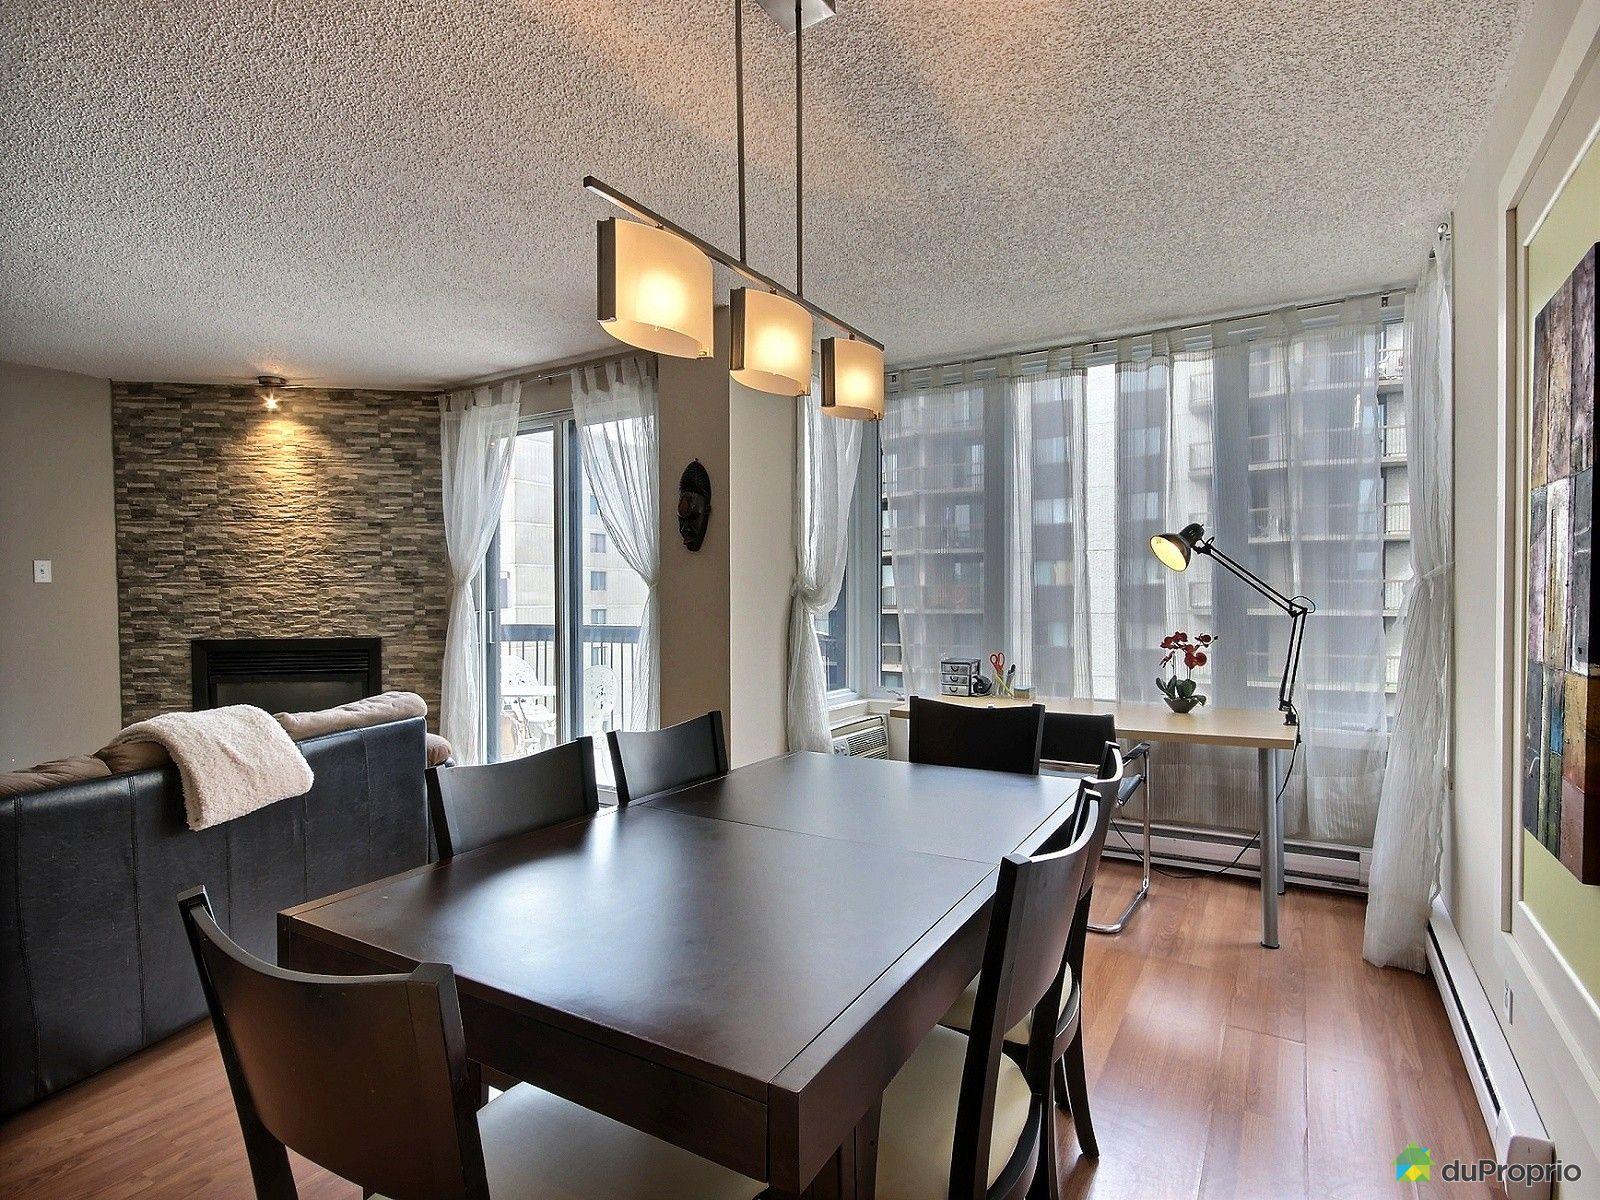 #7E6C4D Condo Vendu Montréal Immobilier Québec DuProprio 395758 3635 salle a manger moderne a vendre 1600x1200 px @ aertt.com